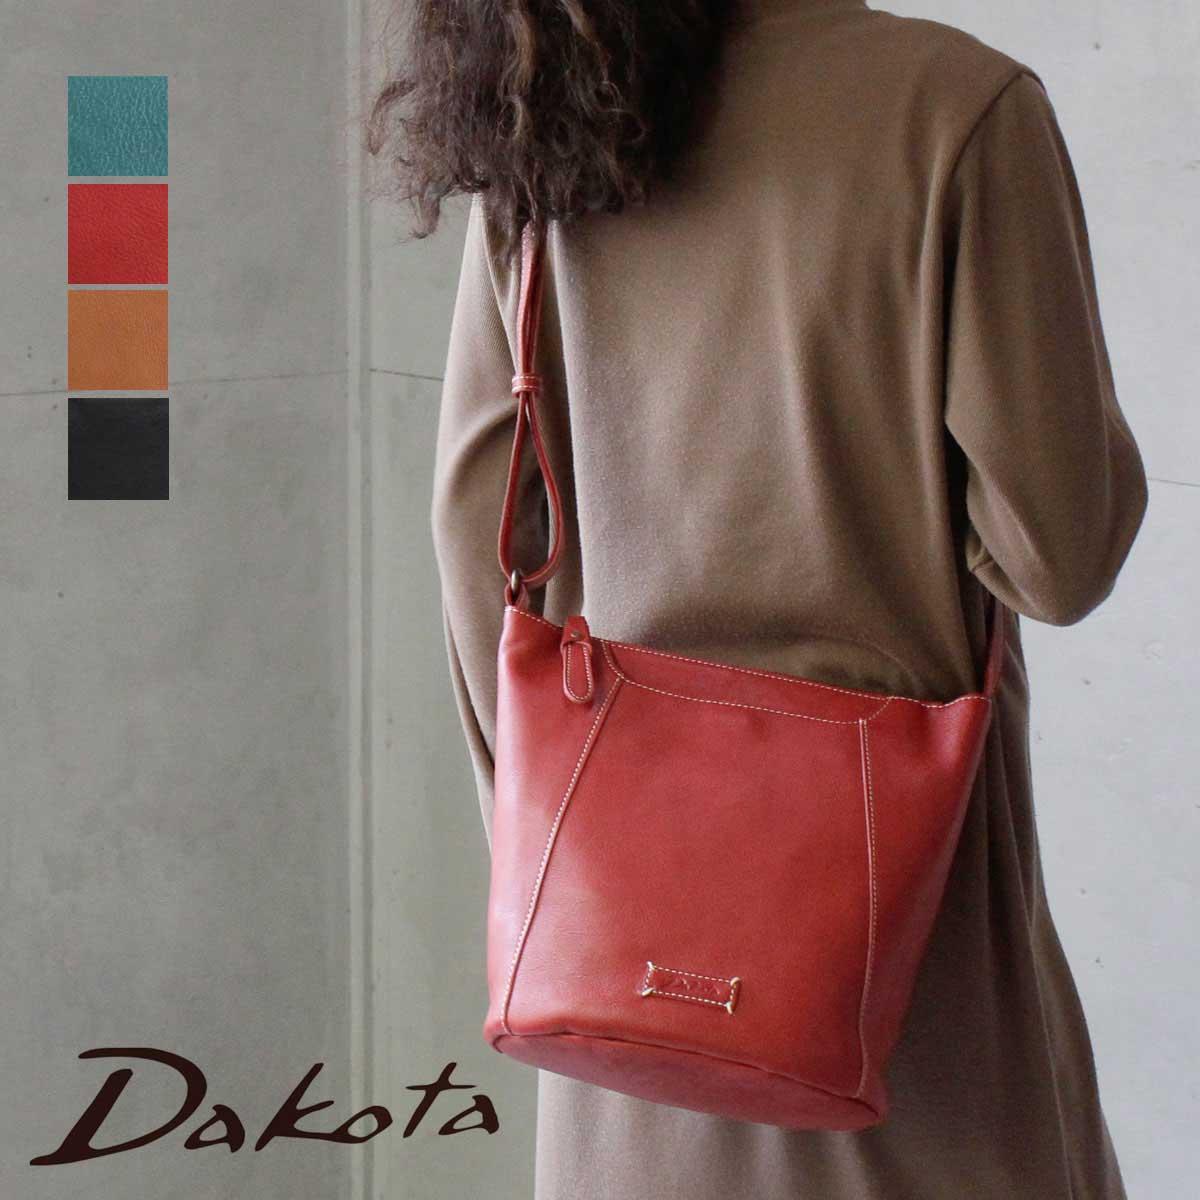 【選べるノベルティ大好評】Dakota ダコタ ダイブ バケツ型ショルダーバッグ 1033962